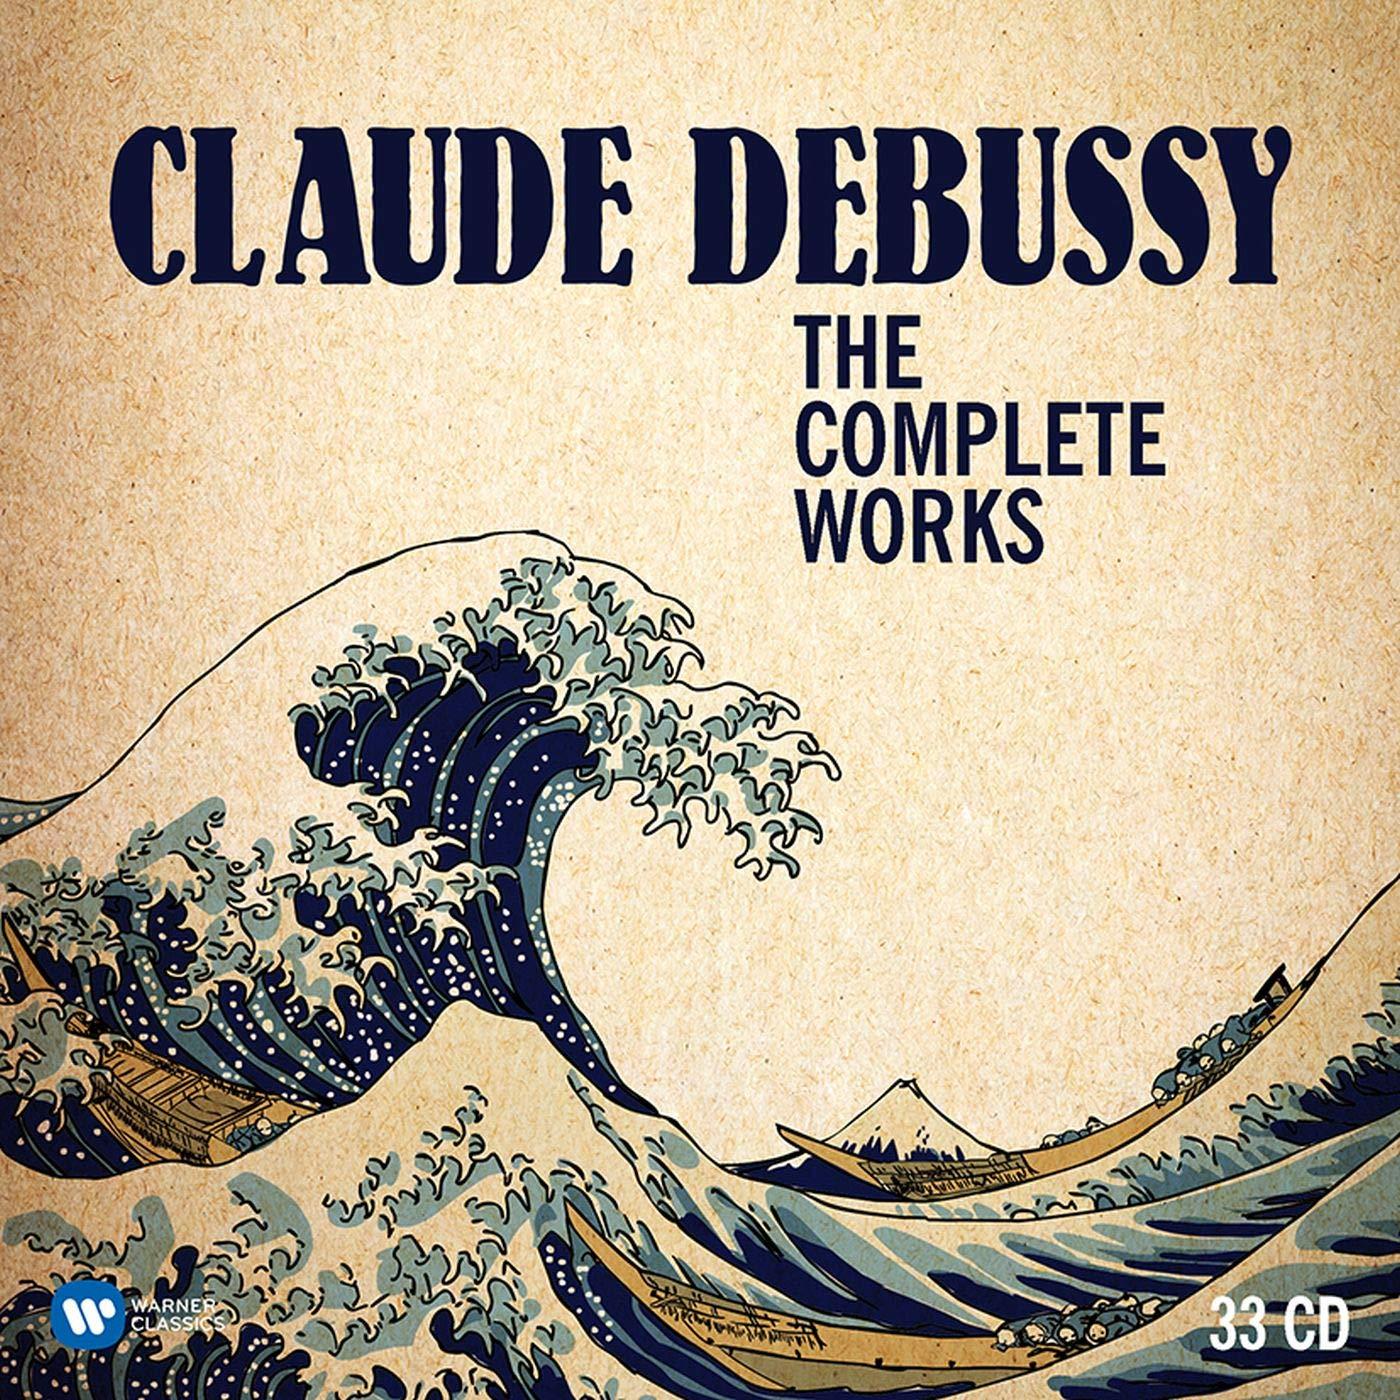 Claude Debussy: The Complete Works: Varios, Claude Debussy: Amazon.es: Música